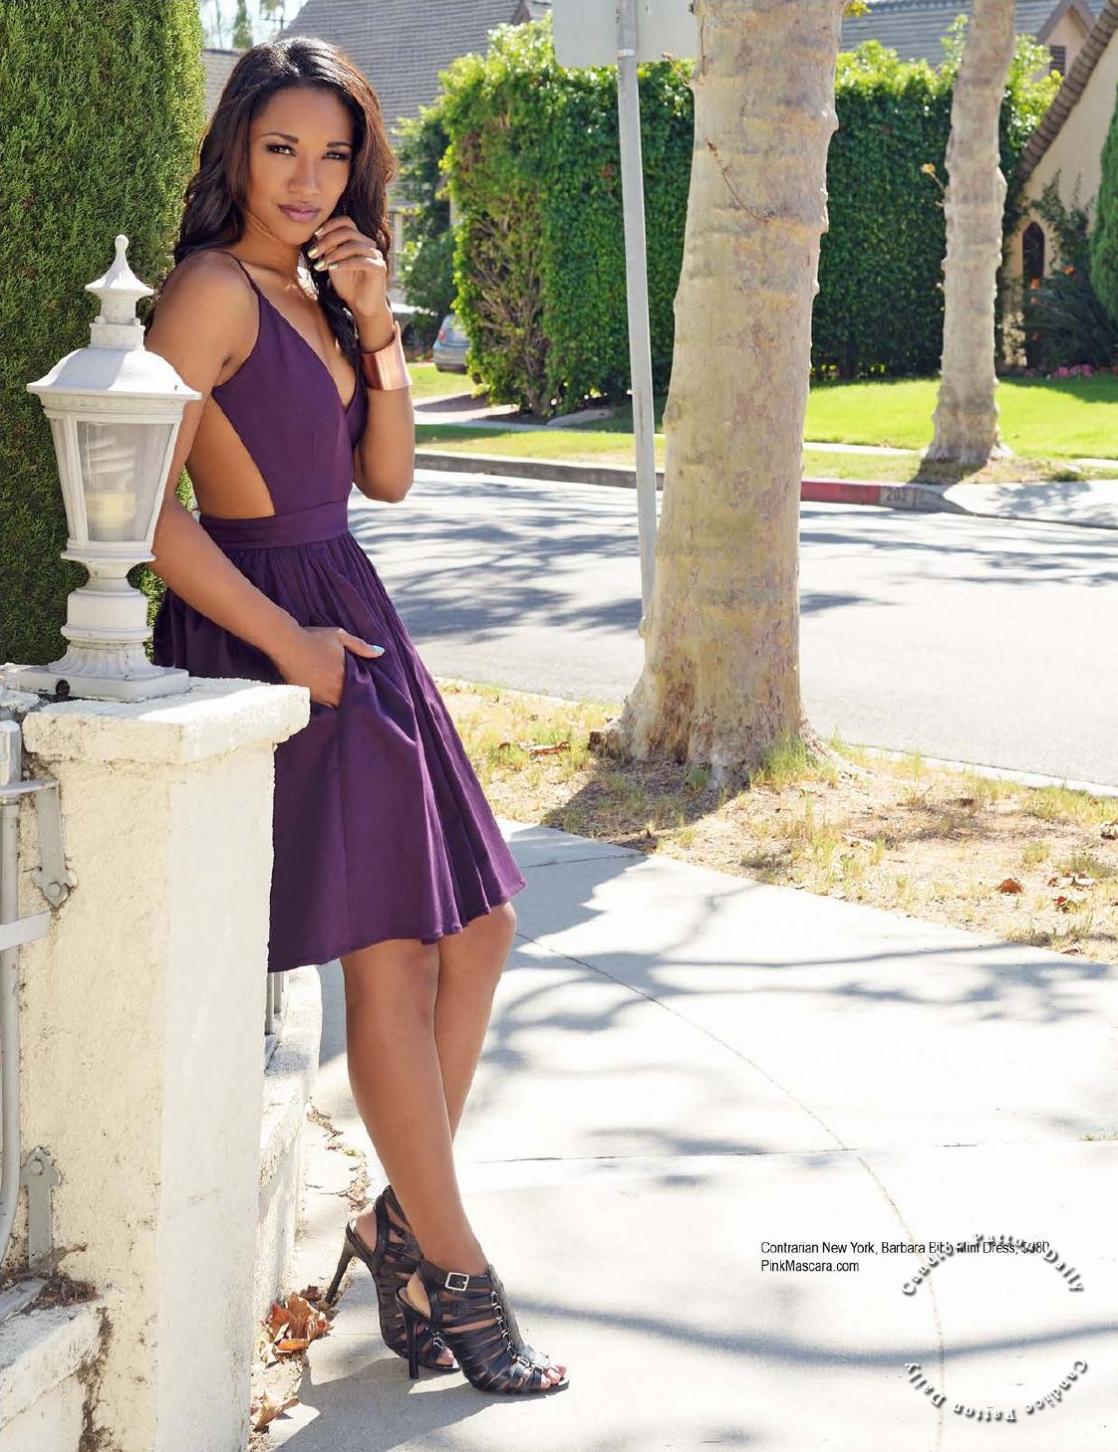 Candice Patton bella